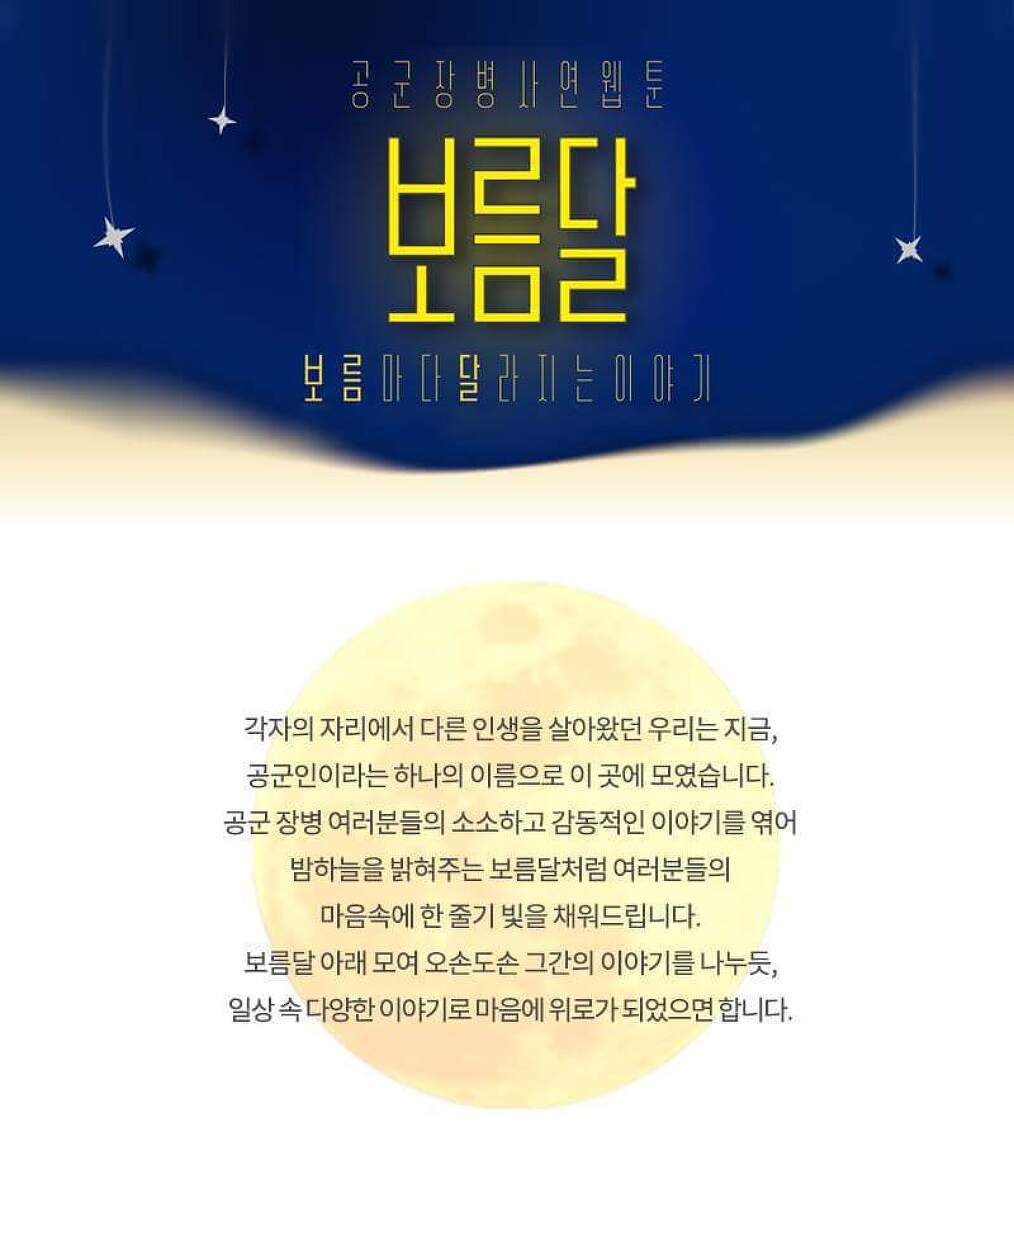 [보름달] 27화. 반쪽 기억의 가치